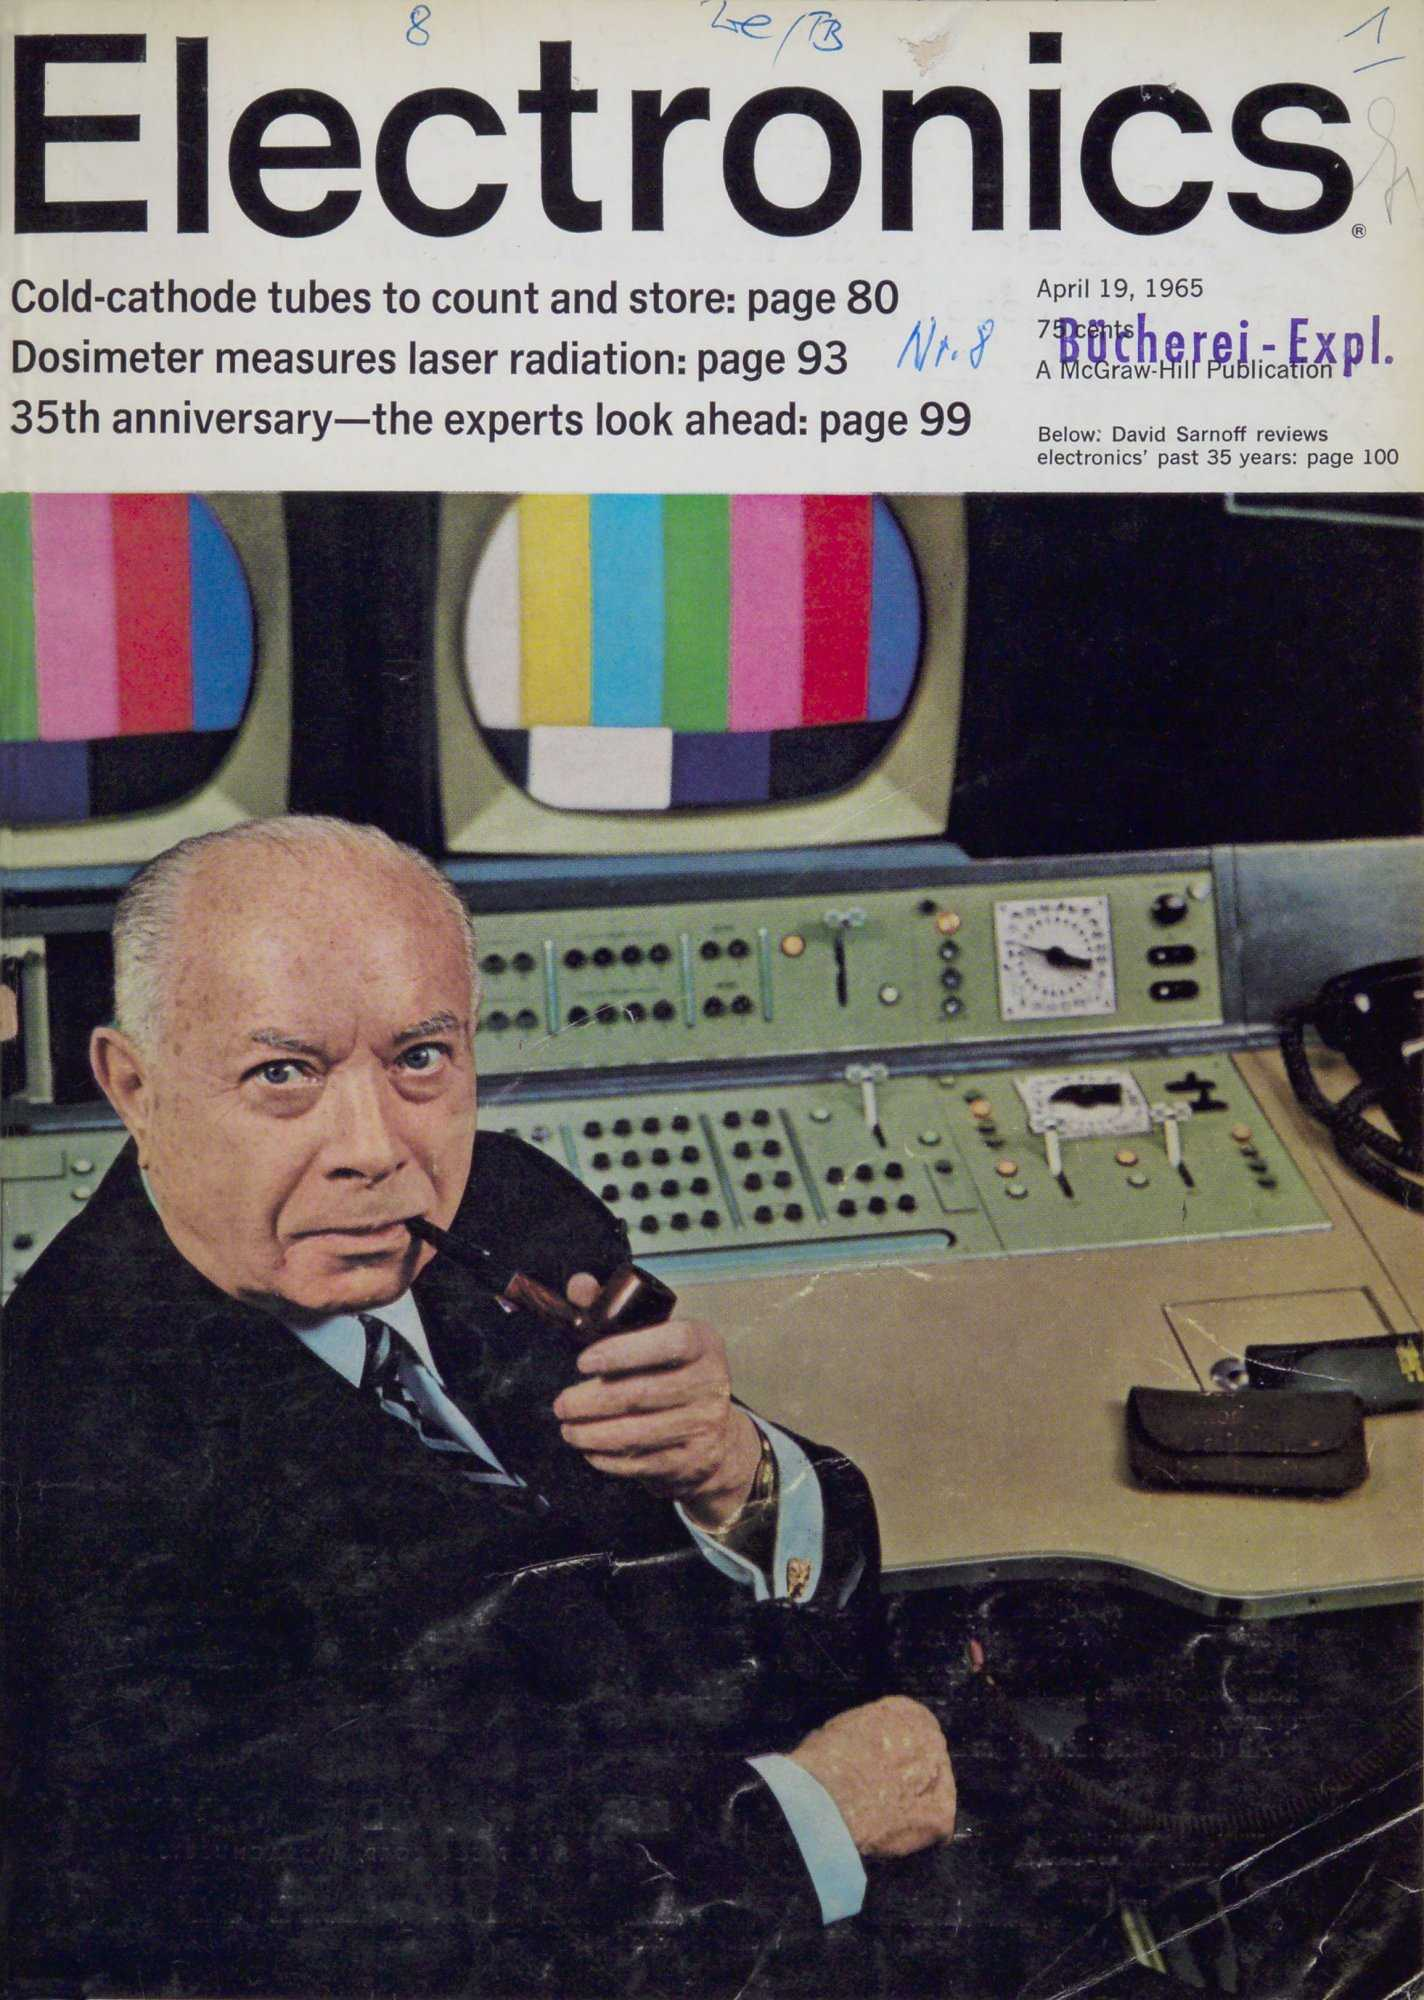 Electonics 19. April 1965